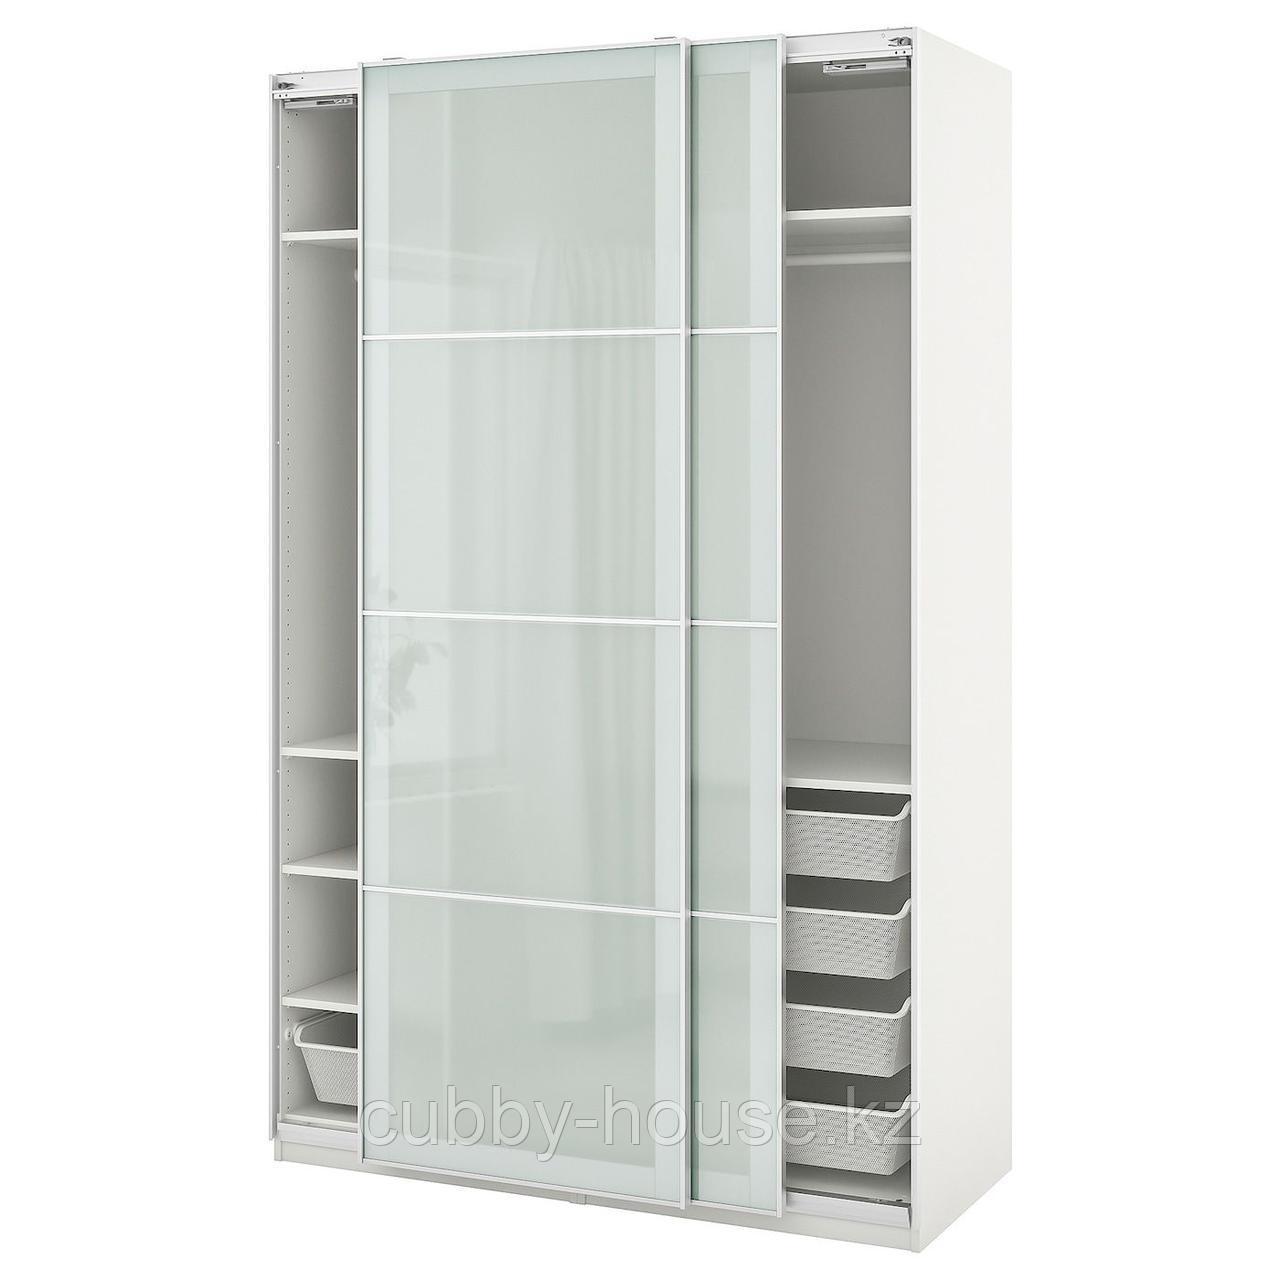 ПАКС / СЭККЕН Гардероб, комбинация, белый, матовое стекло, 150x66x236 см